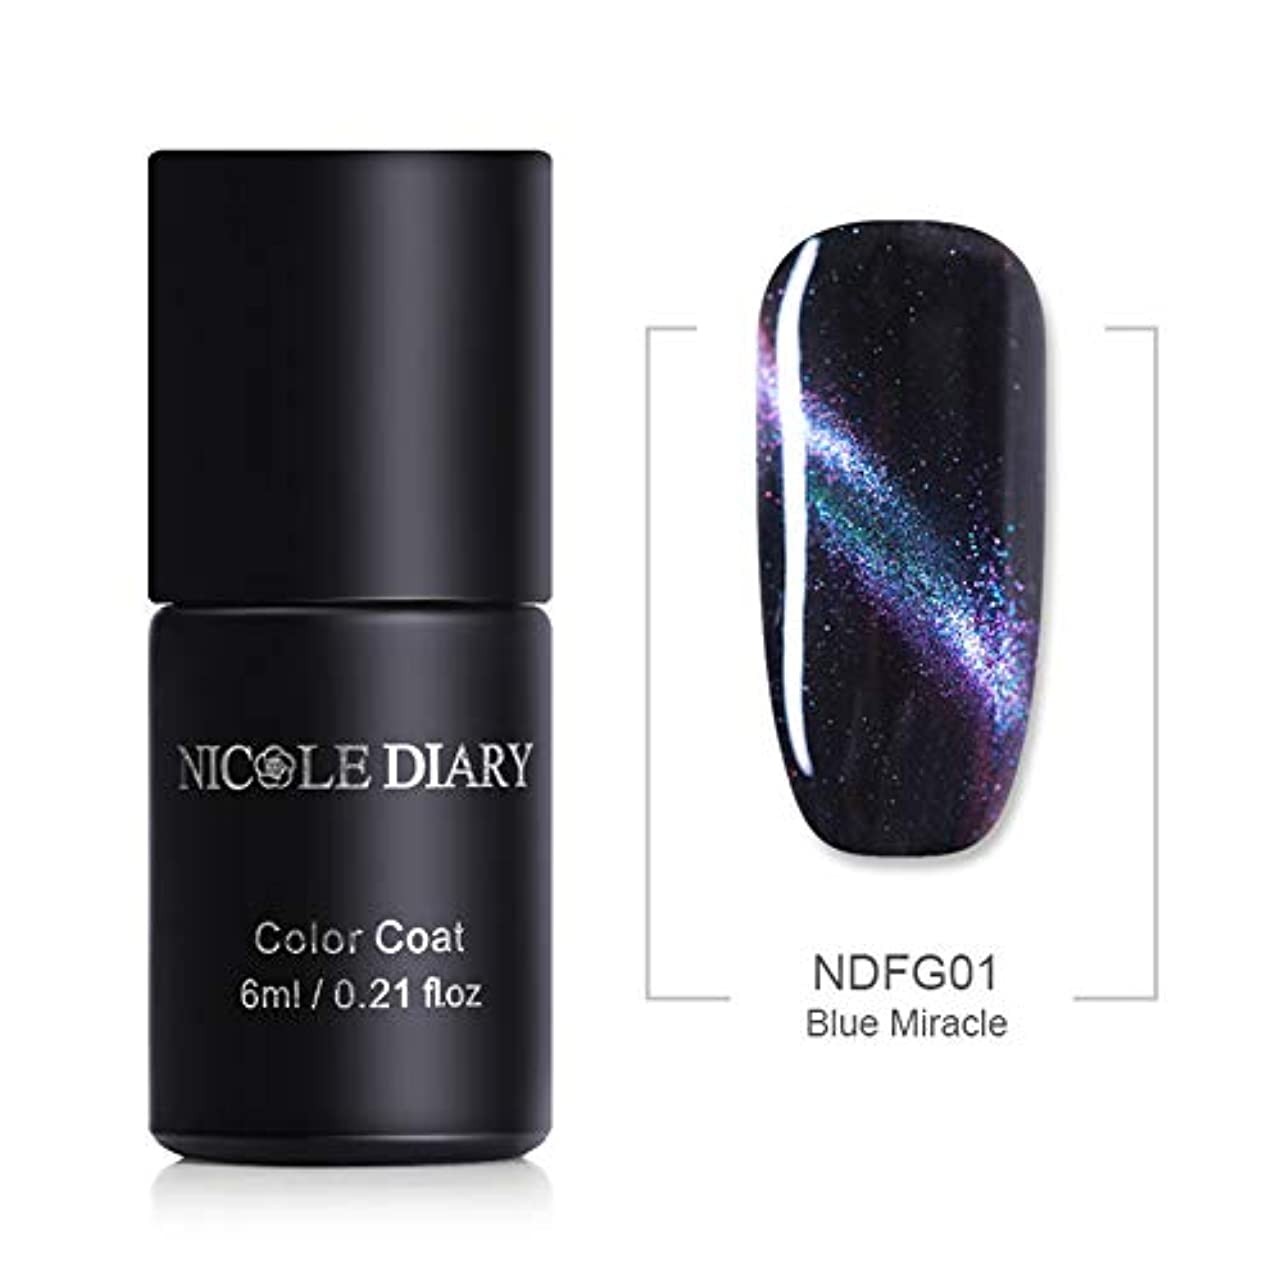 邪魔移行不幸NICOLE DIARY キャッツアイジェル 夜空の銀河の様な魅惑的な輝度 5色グリッター入り 6ml UV/LED対応 6色 磁石で模様が入る キャッツアイ ネイル ジェルネイル NDFG01 Blue Miracle...